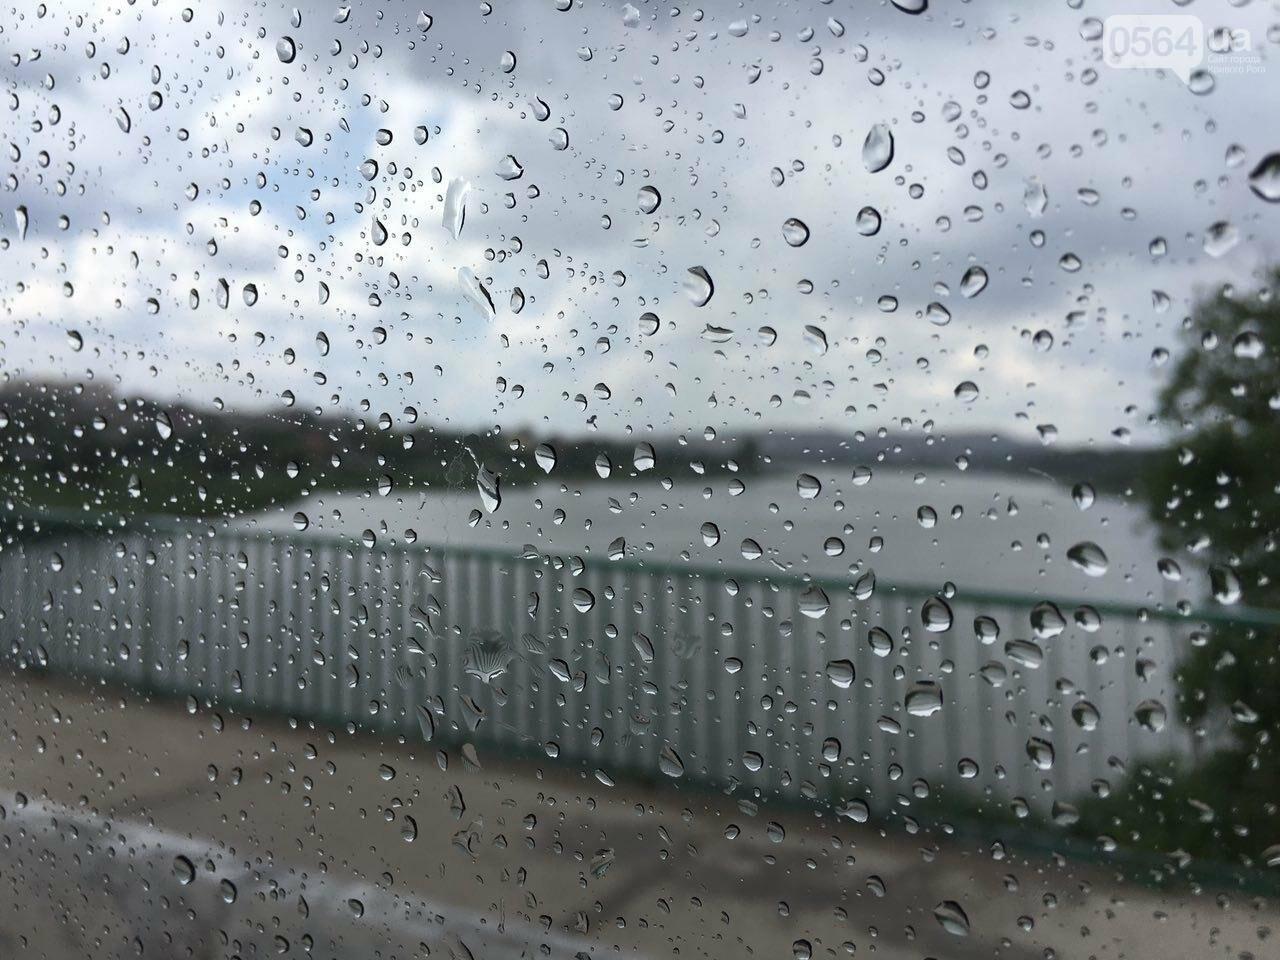 Маршрут дождя: В Кривом Роге в одних районах льет ливень, в других ярко светит солнце, - ФОТО, фото-4